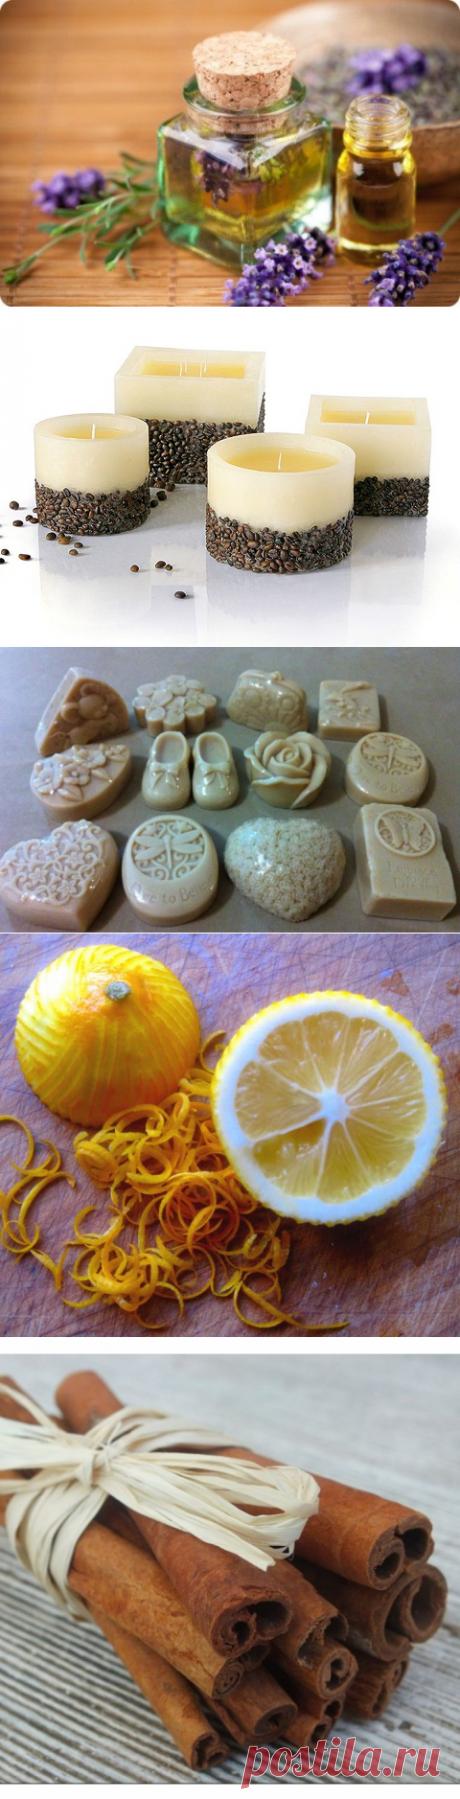 Ароматизируем шкаф: 7 самых простых способов создать неповторимый аромат белья